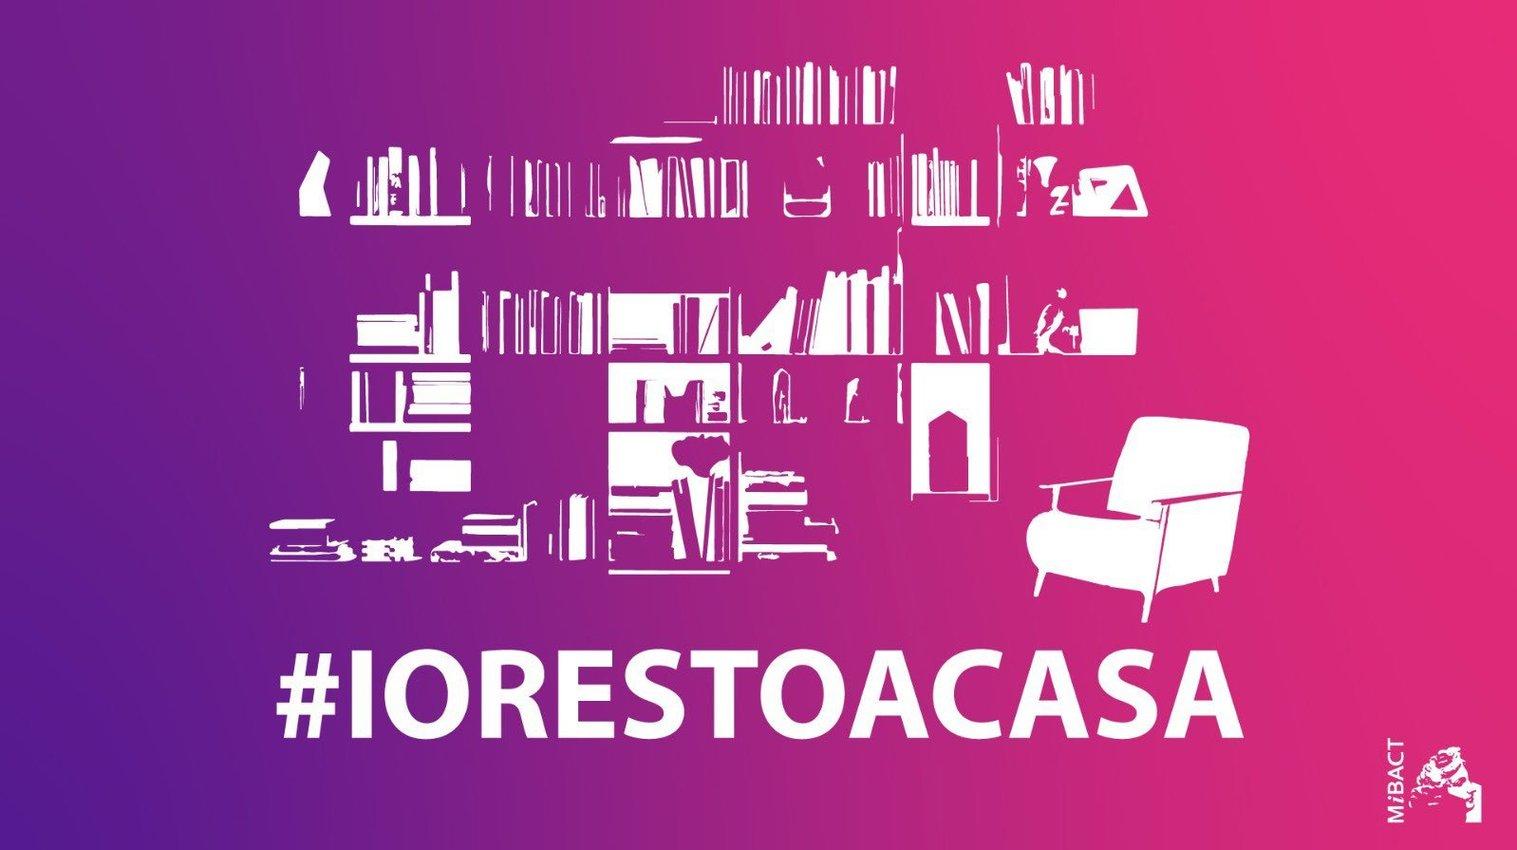 #rEsistiamo, in lavorazione il docufilm che racconterà #iorestoacasa